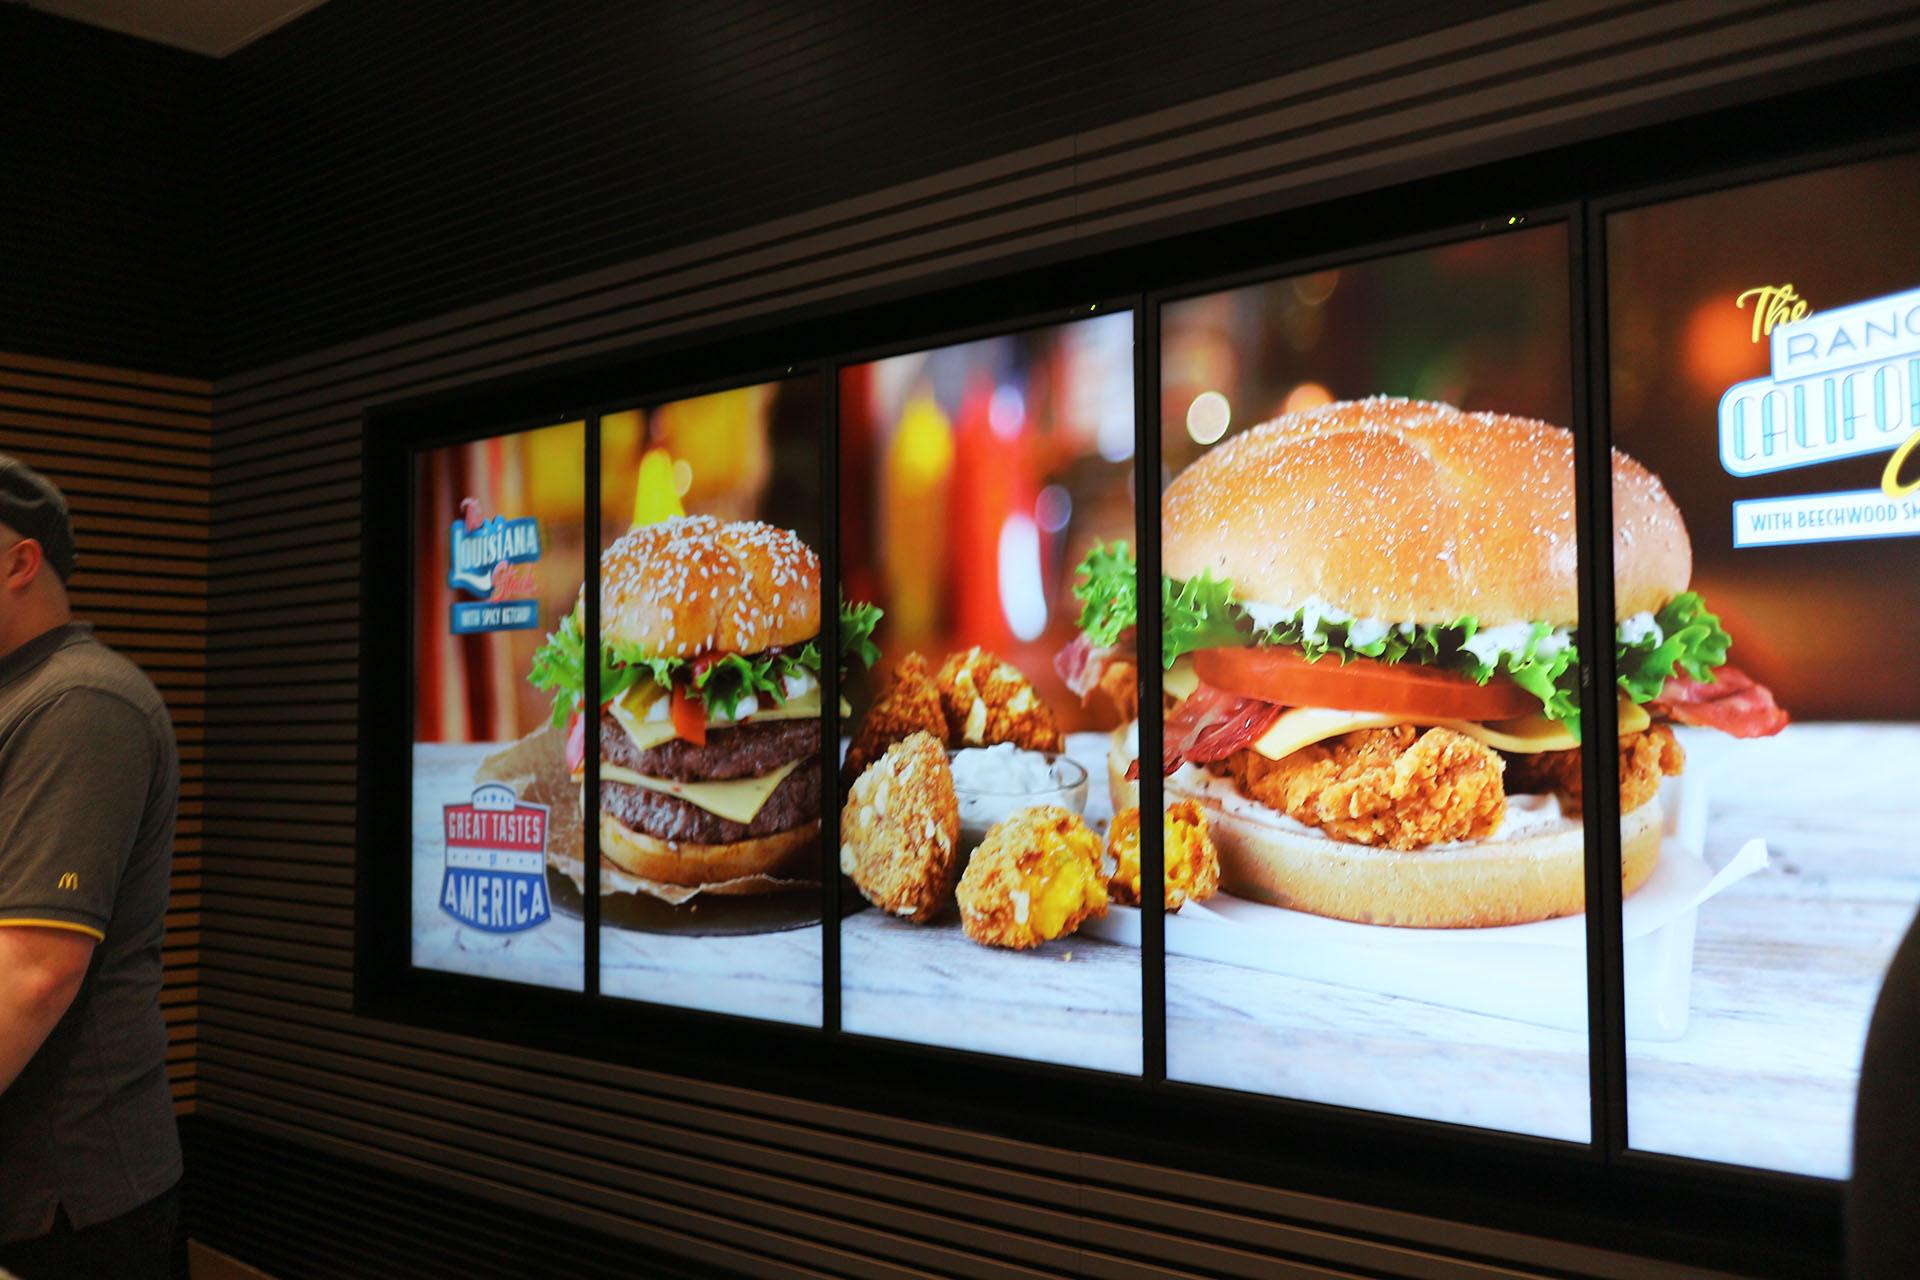 McDonald's - behind the scenes